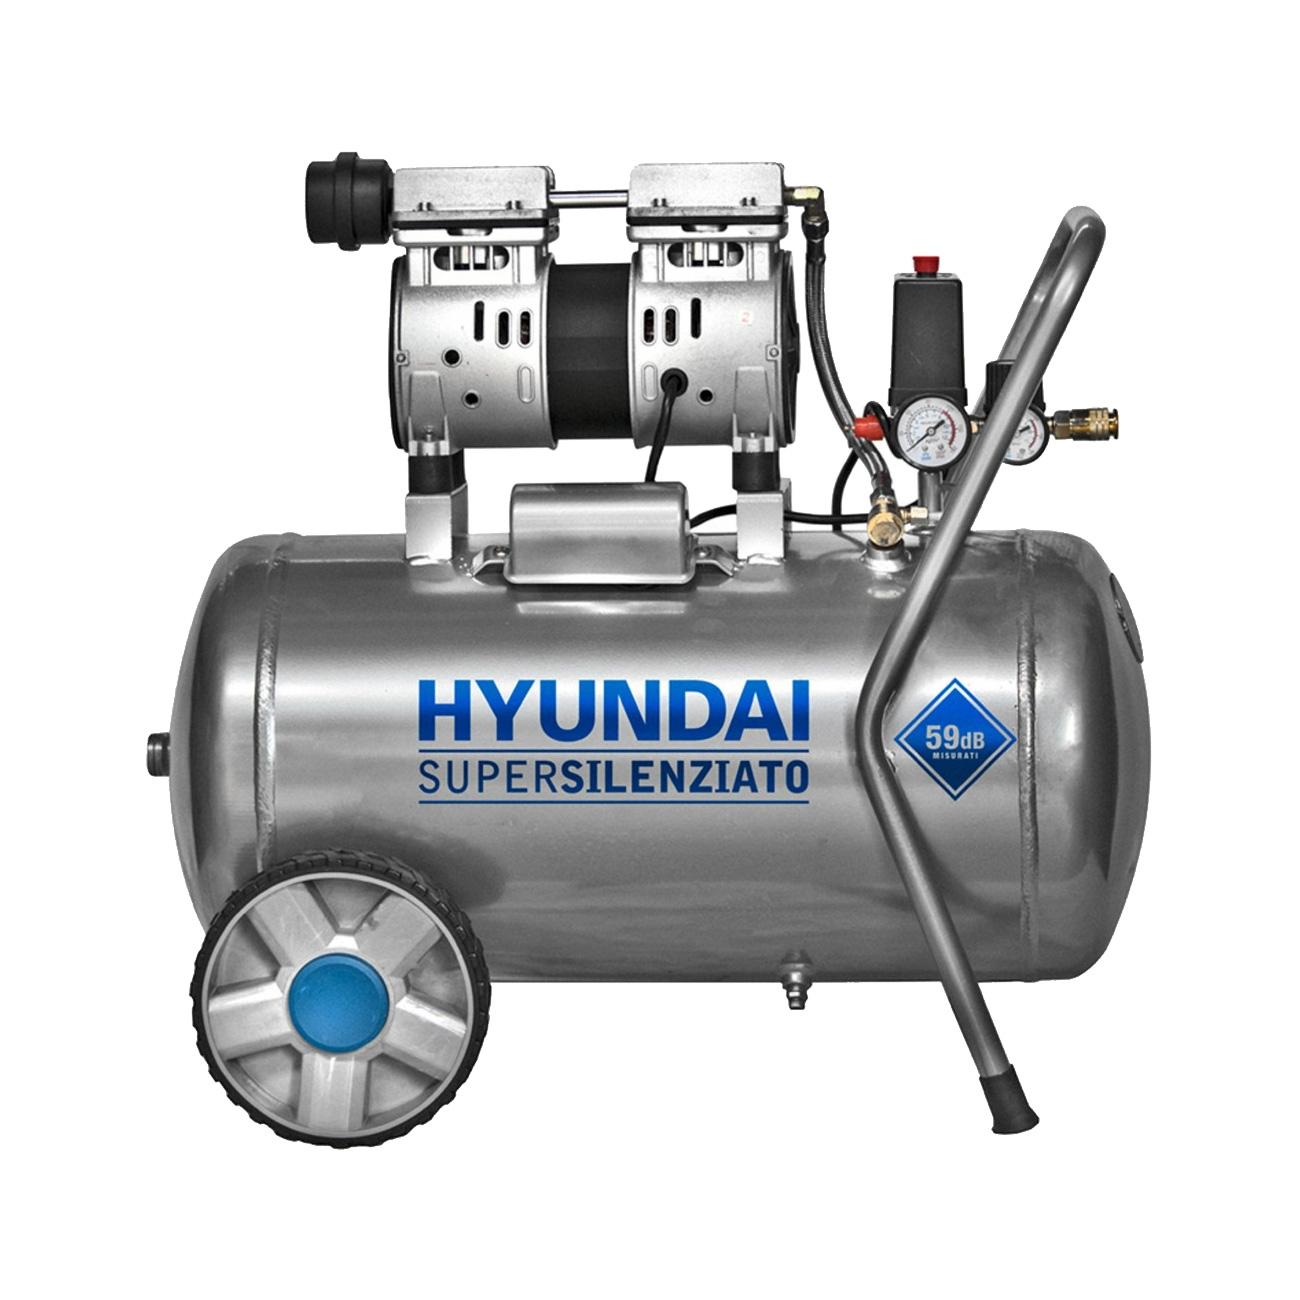 Image of Compressore aria 50 litri Hyundai KWU750-50L super-silenziato